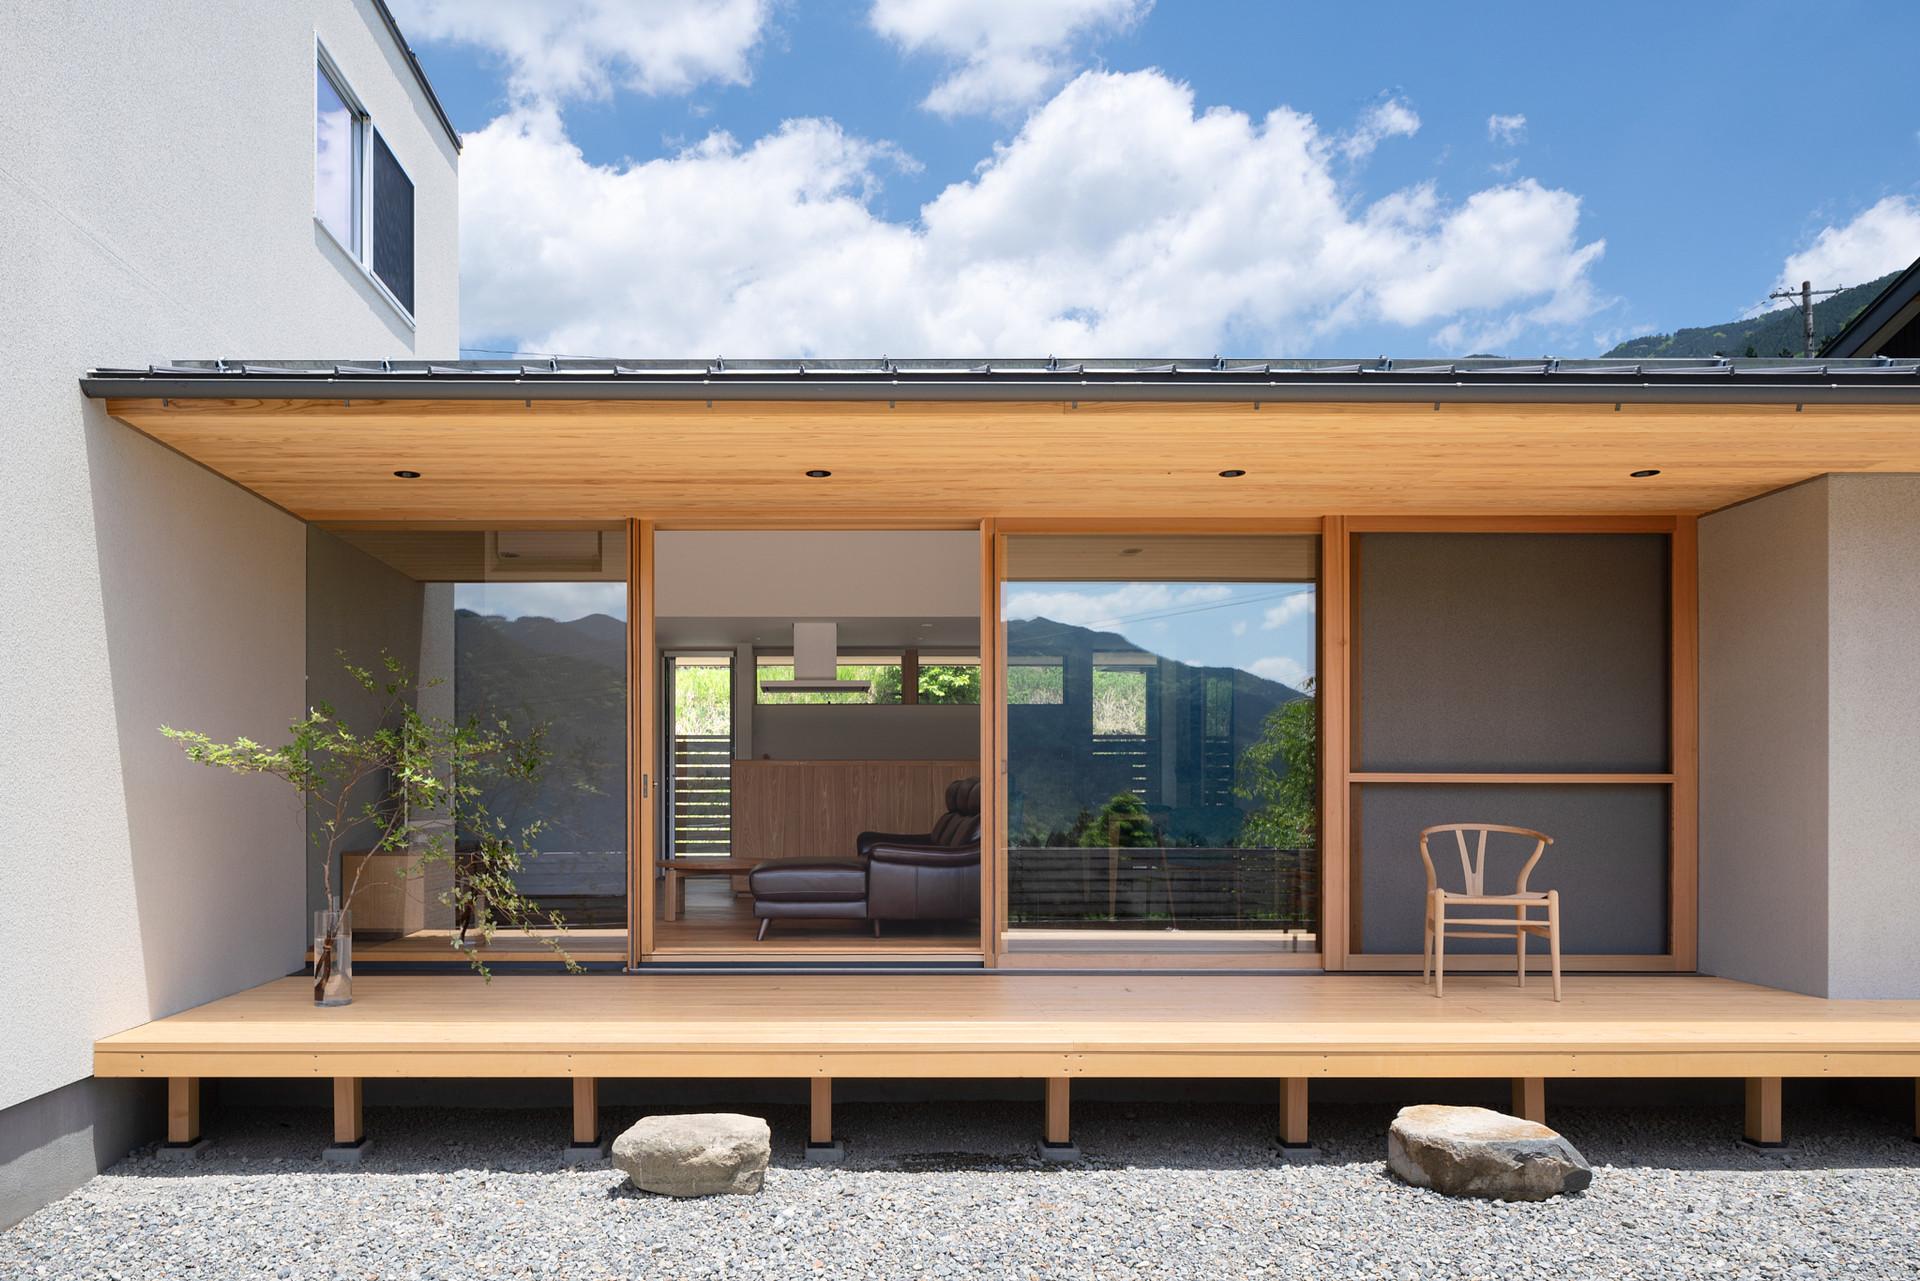 House in Gifu